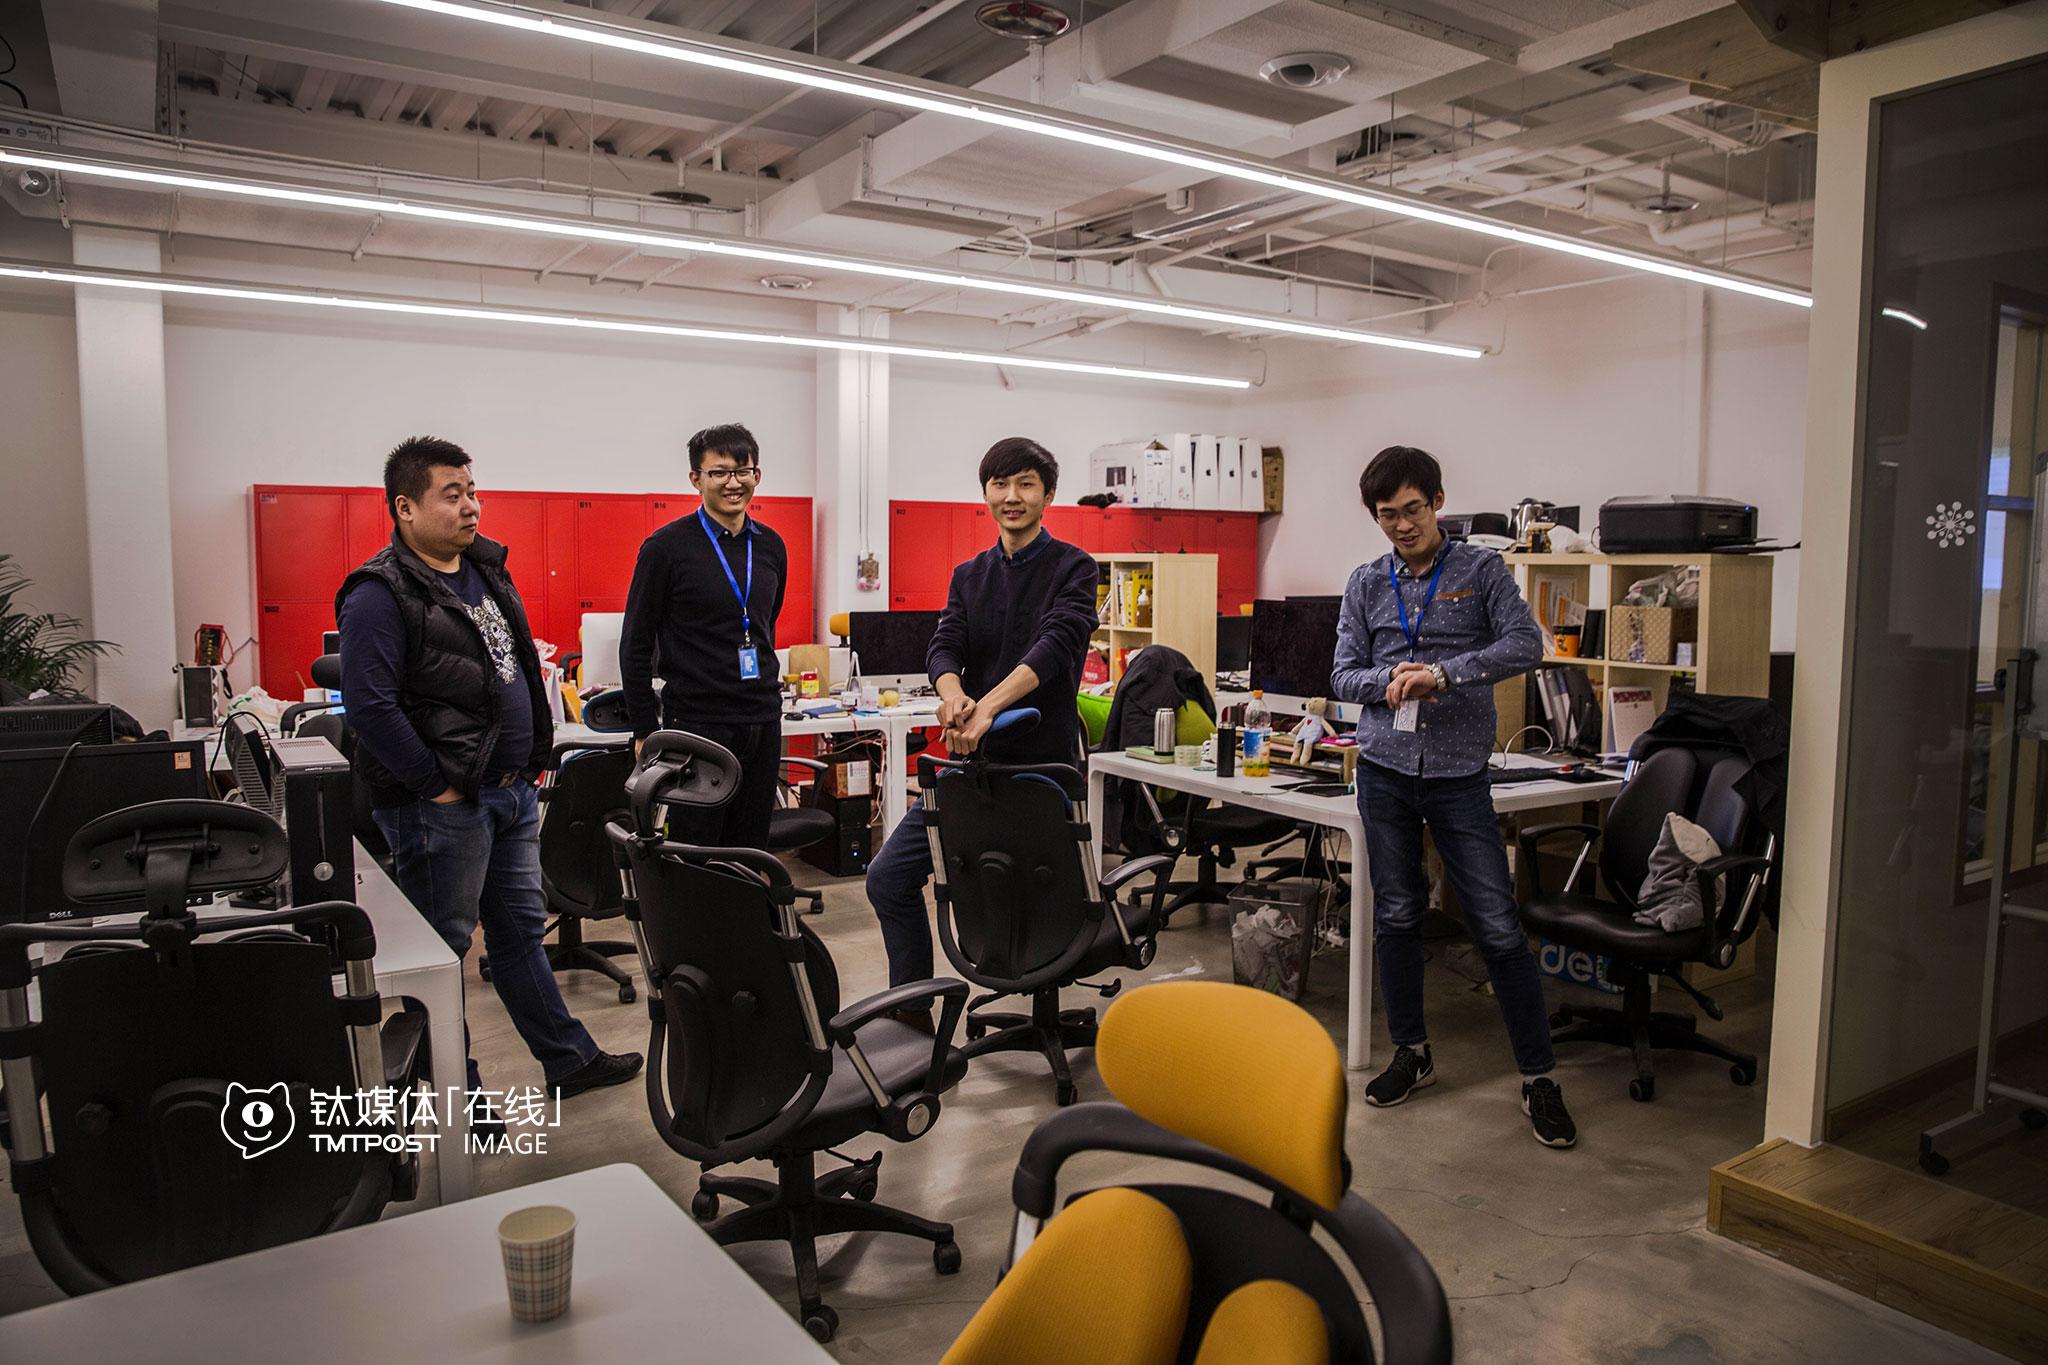 """王宝臣是创始人,1993年出生,团队14个人,都是90后。""""我们现在全员股东,对我们来说,只有拼,只有比别人做得多才有机会活下去。""""王宝臣每天下班时间都在11点以后,""""在办公室有工作状态,可以头脑风暴。"""""""